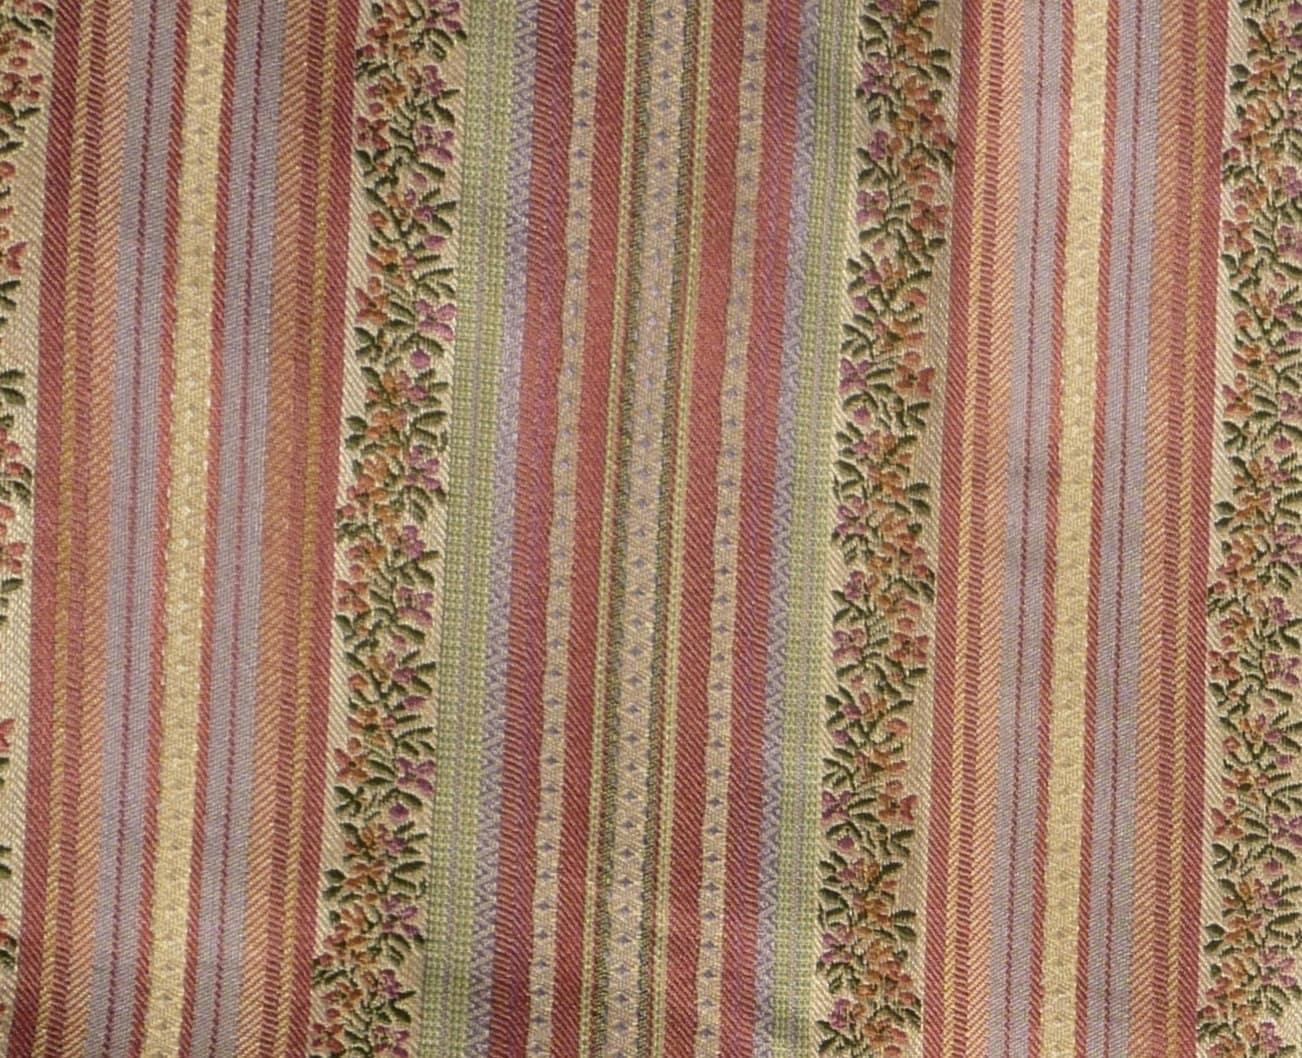 Http Etsy Com Listing 154531897 Floral Stripe Brocade Fabric Home Decor